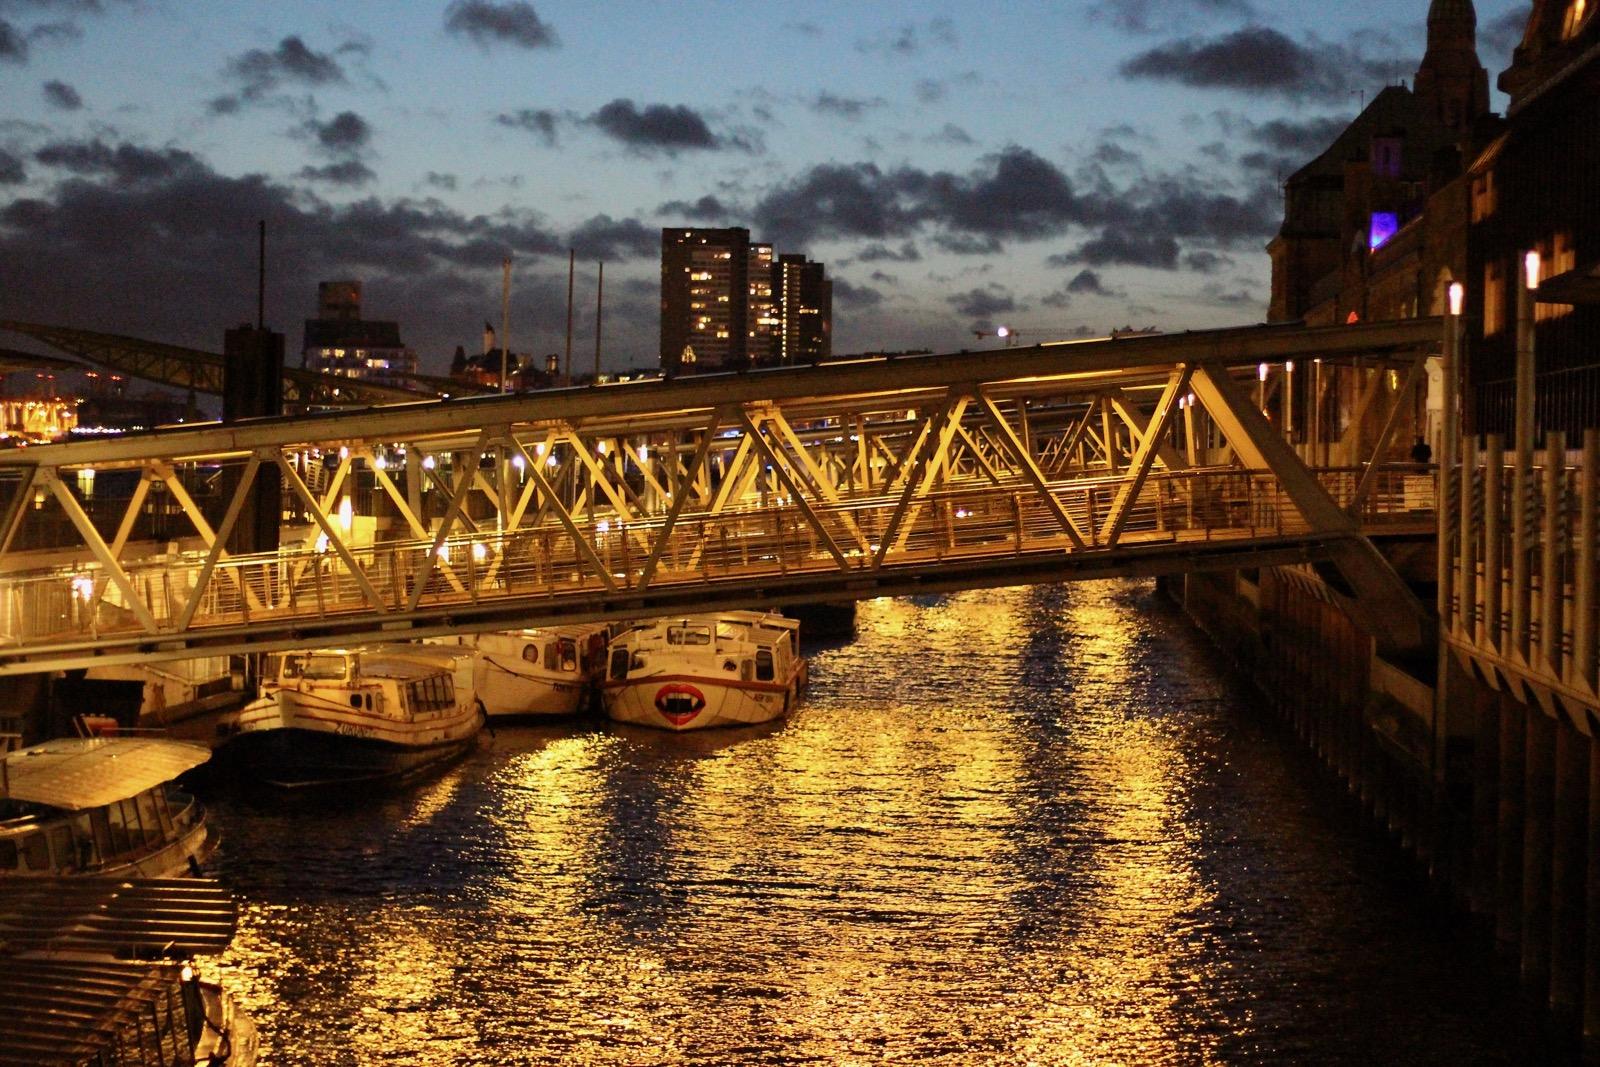 Nachtspaziergang im Hafen